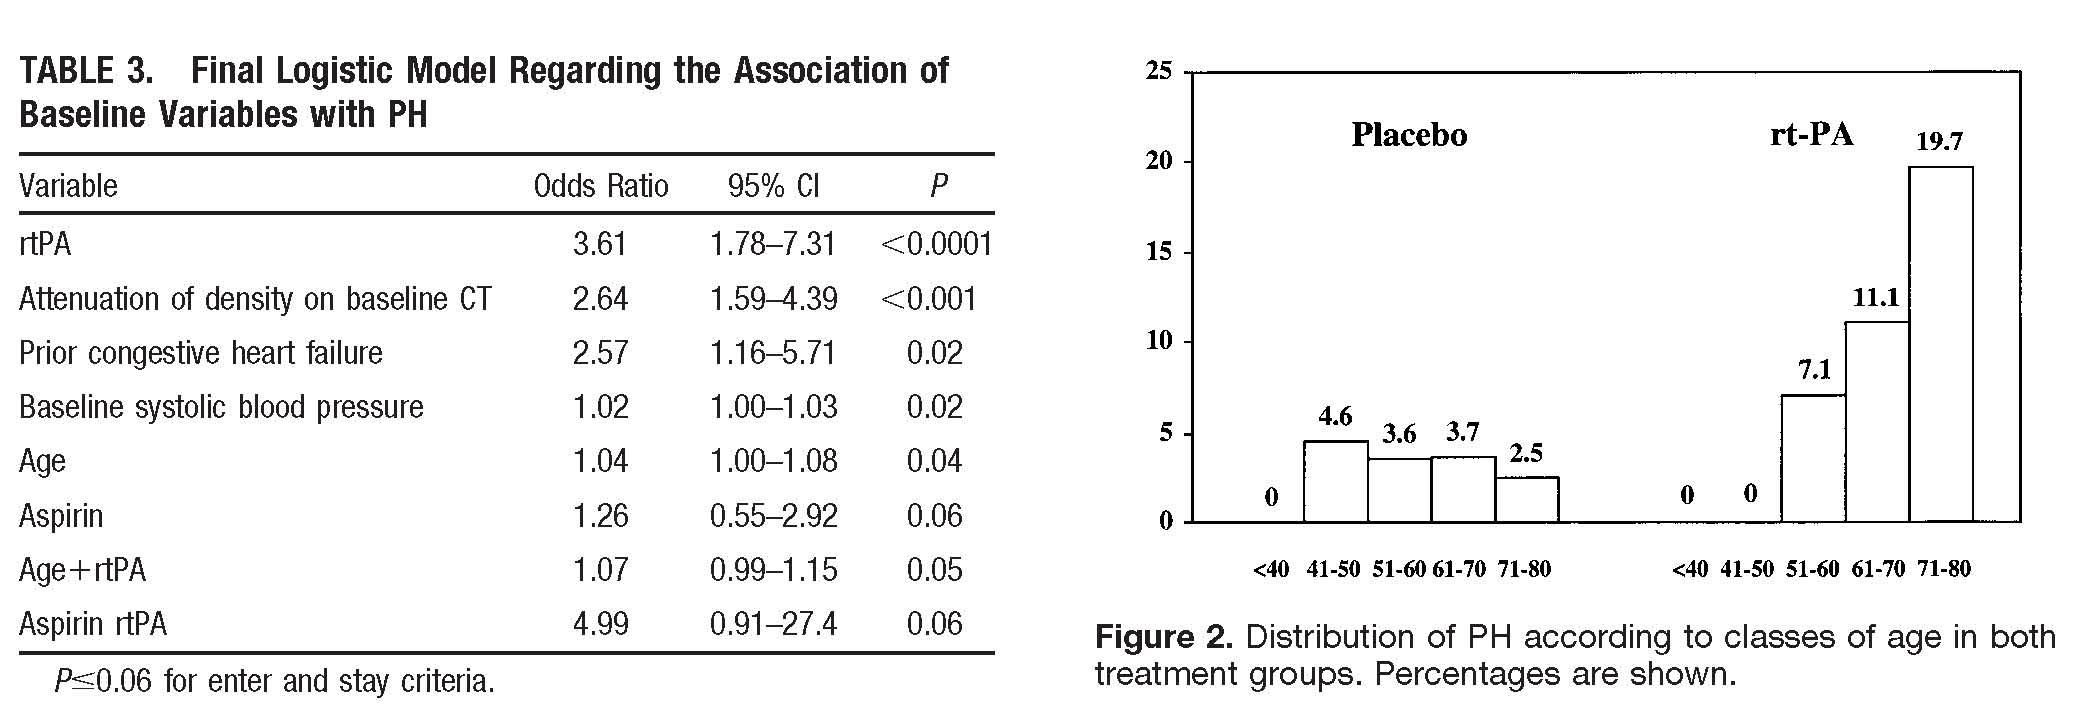 %e5%87%ba%e8%a1%80%e3%81%ae%e8%a9%95%e4%be%a1-full